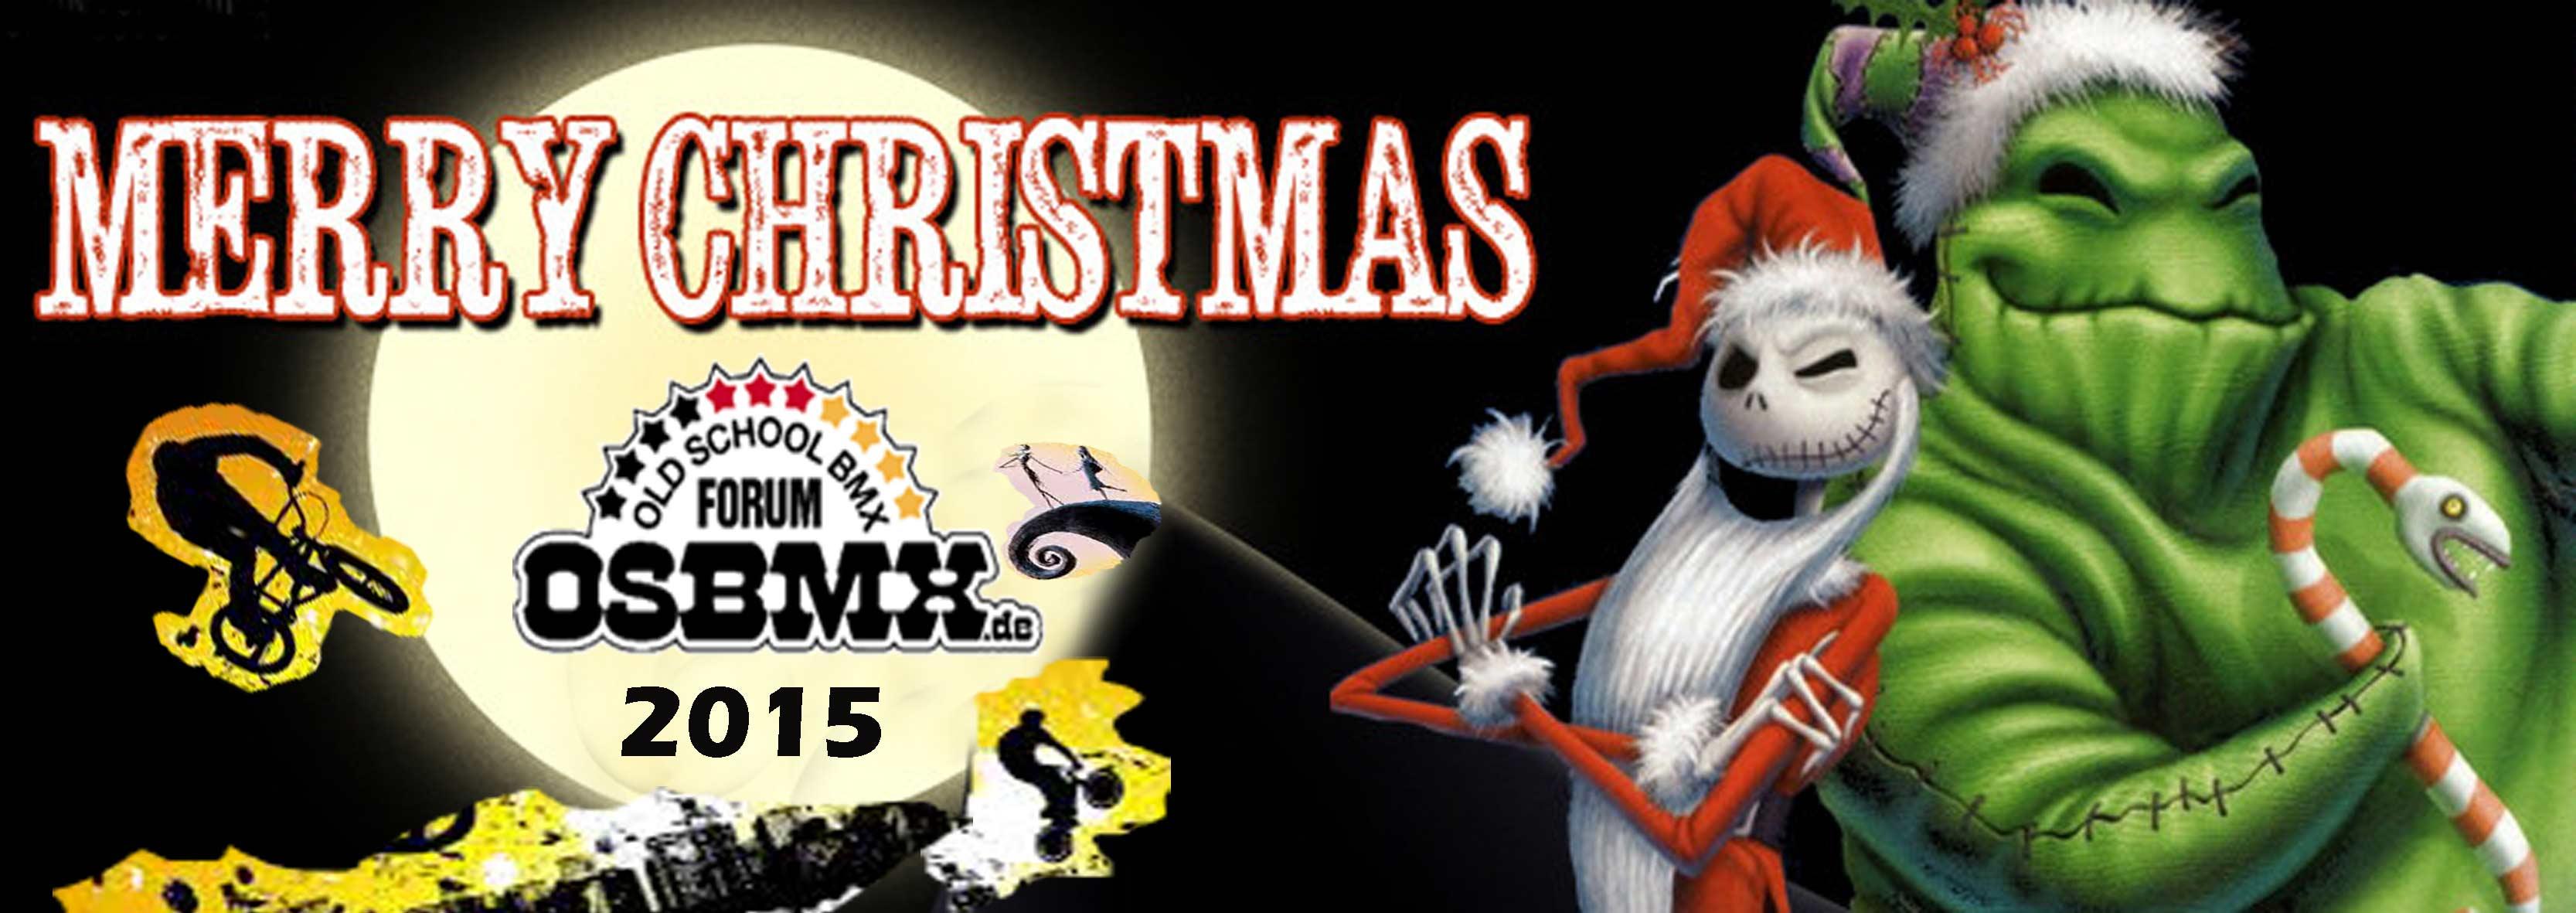 osbmx-merry-christmas